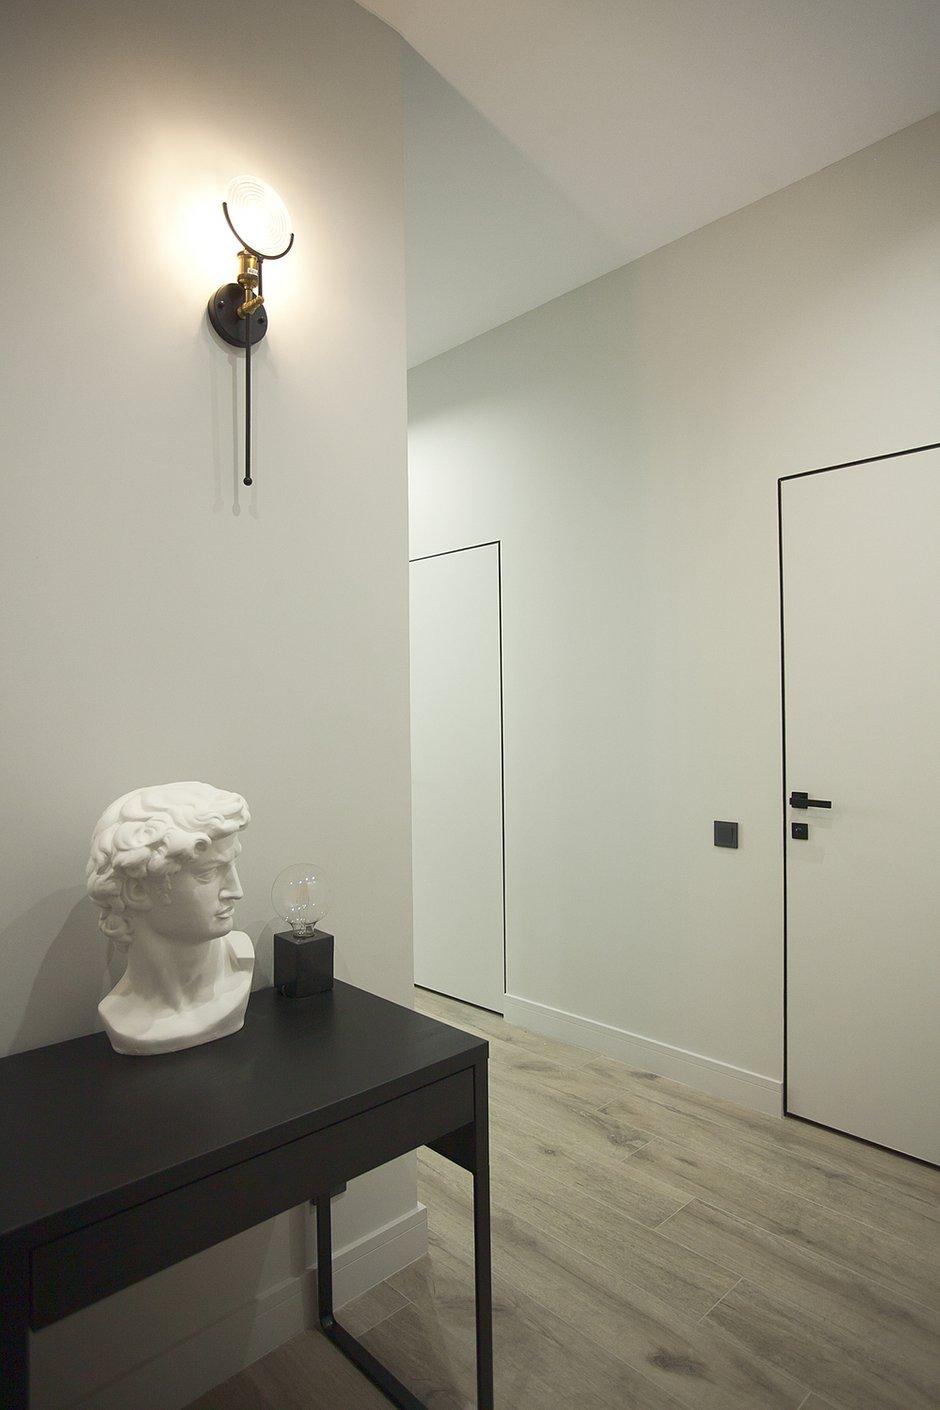 Фотография: Прихожая в стиле Современный, Квартира, Проект недели, Москва, 1 комната, 40-60 метров, Аделина Шарапова – фото на INMYROOM